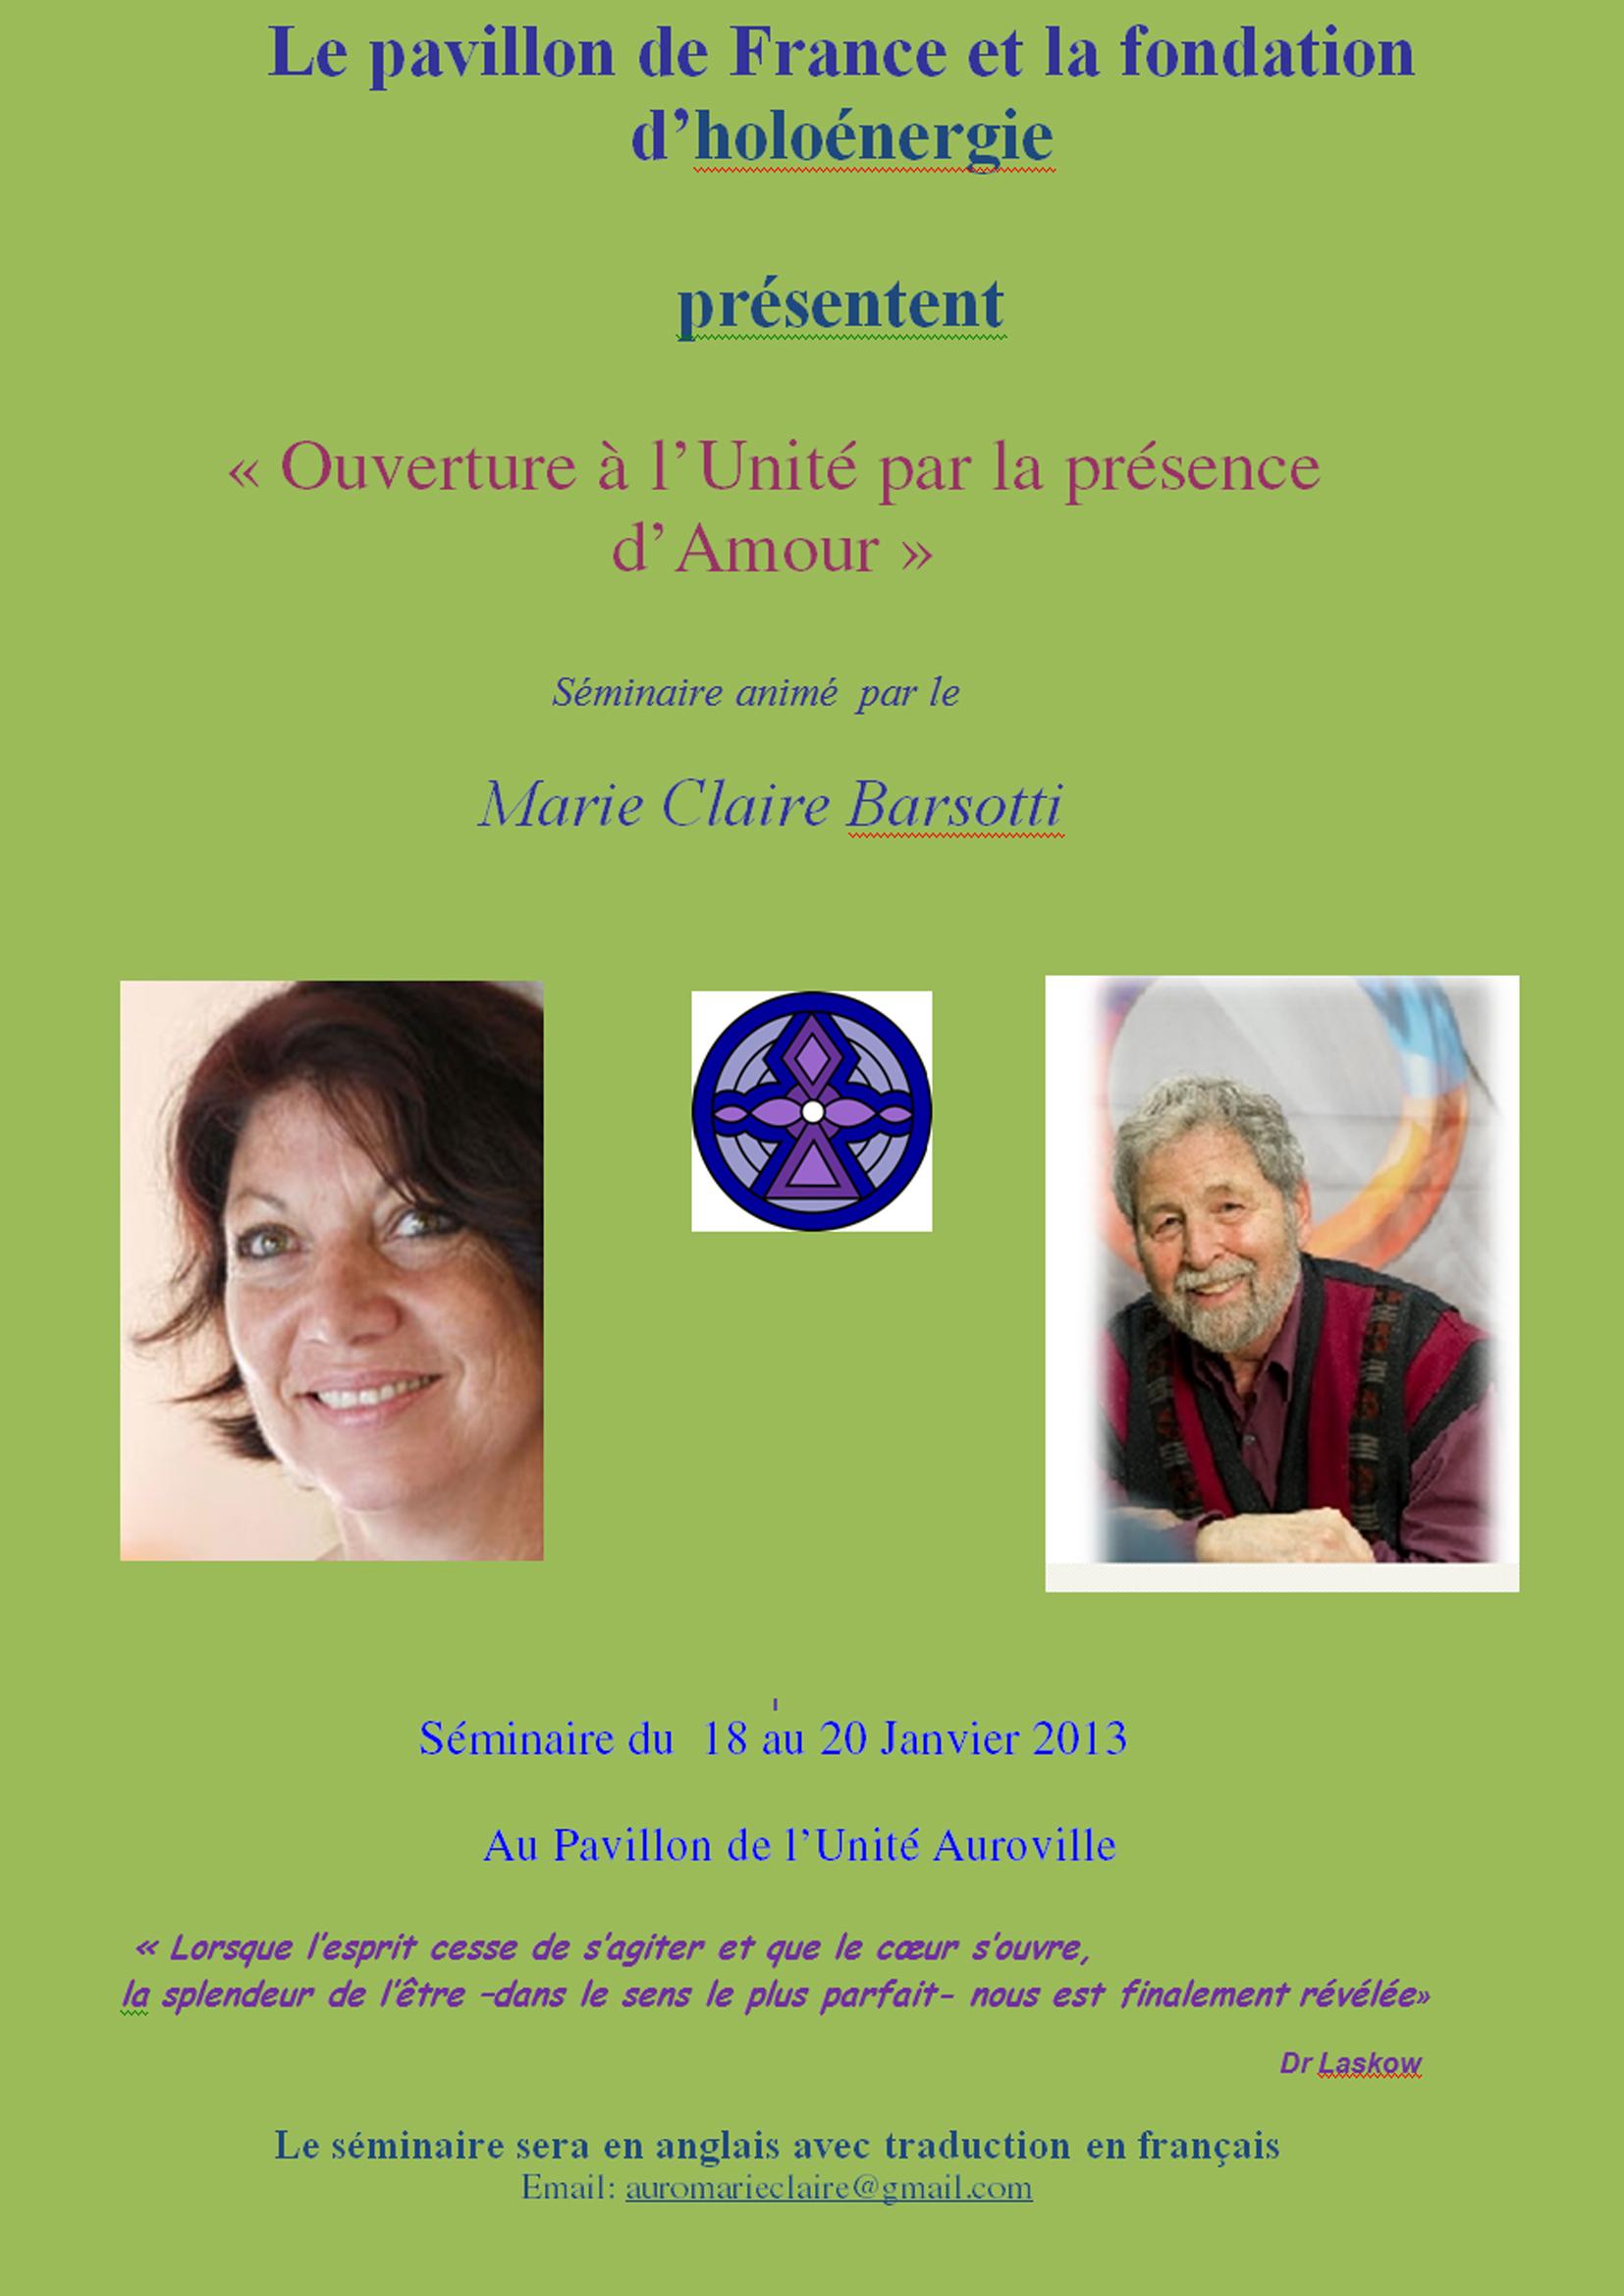 Ouverture à l'Unité par la présence d'Amour